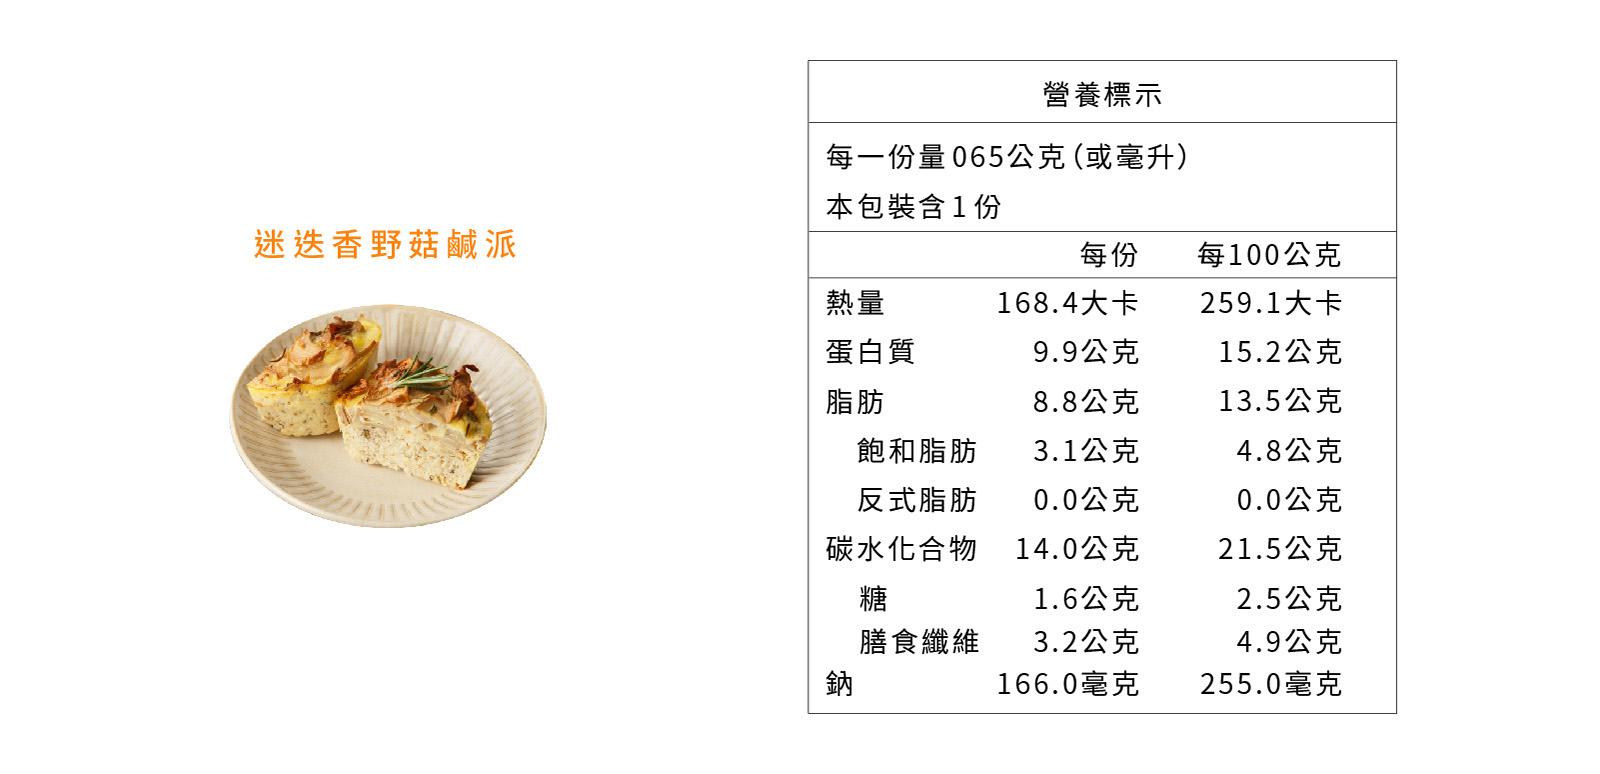 迷迭香野菇鹹派營養標示